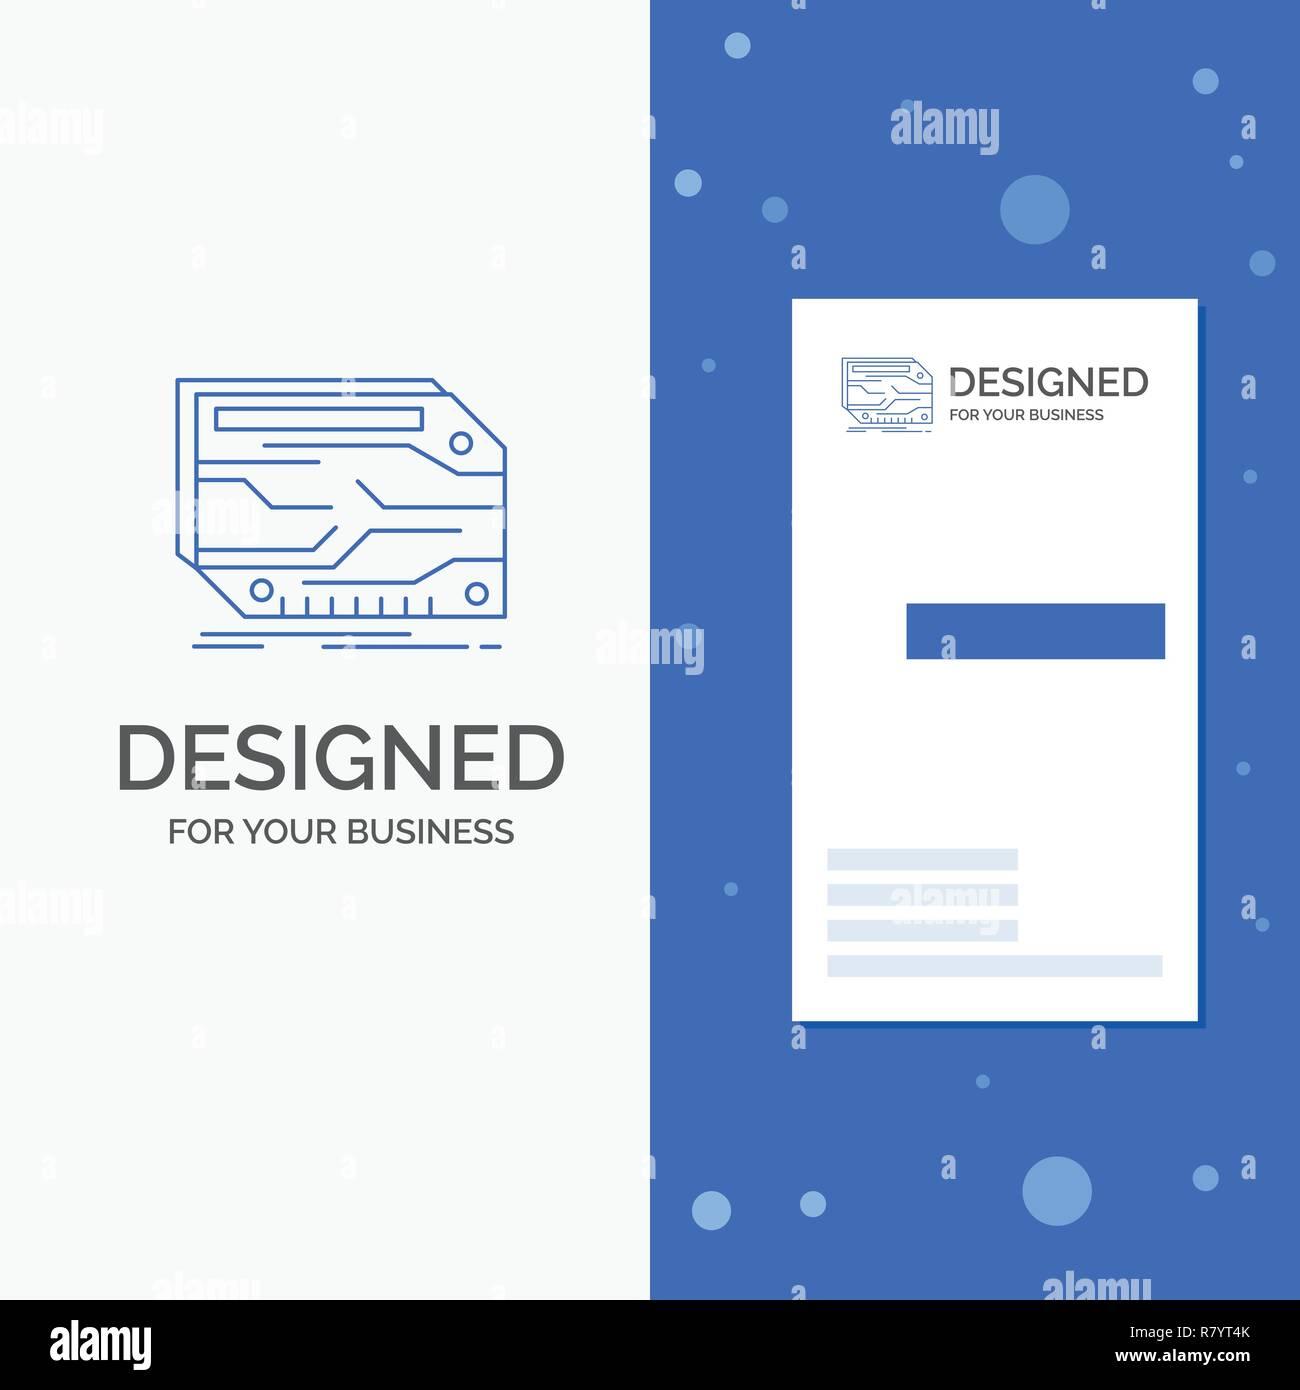 Logo Dentreprise Pour La Carte Sur Mesure Electronique Memoire Bleu Vertical Affaires Modele De Visite